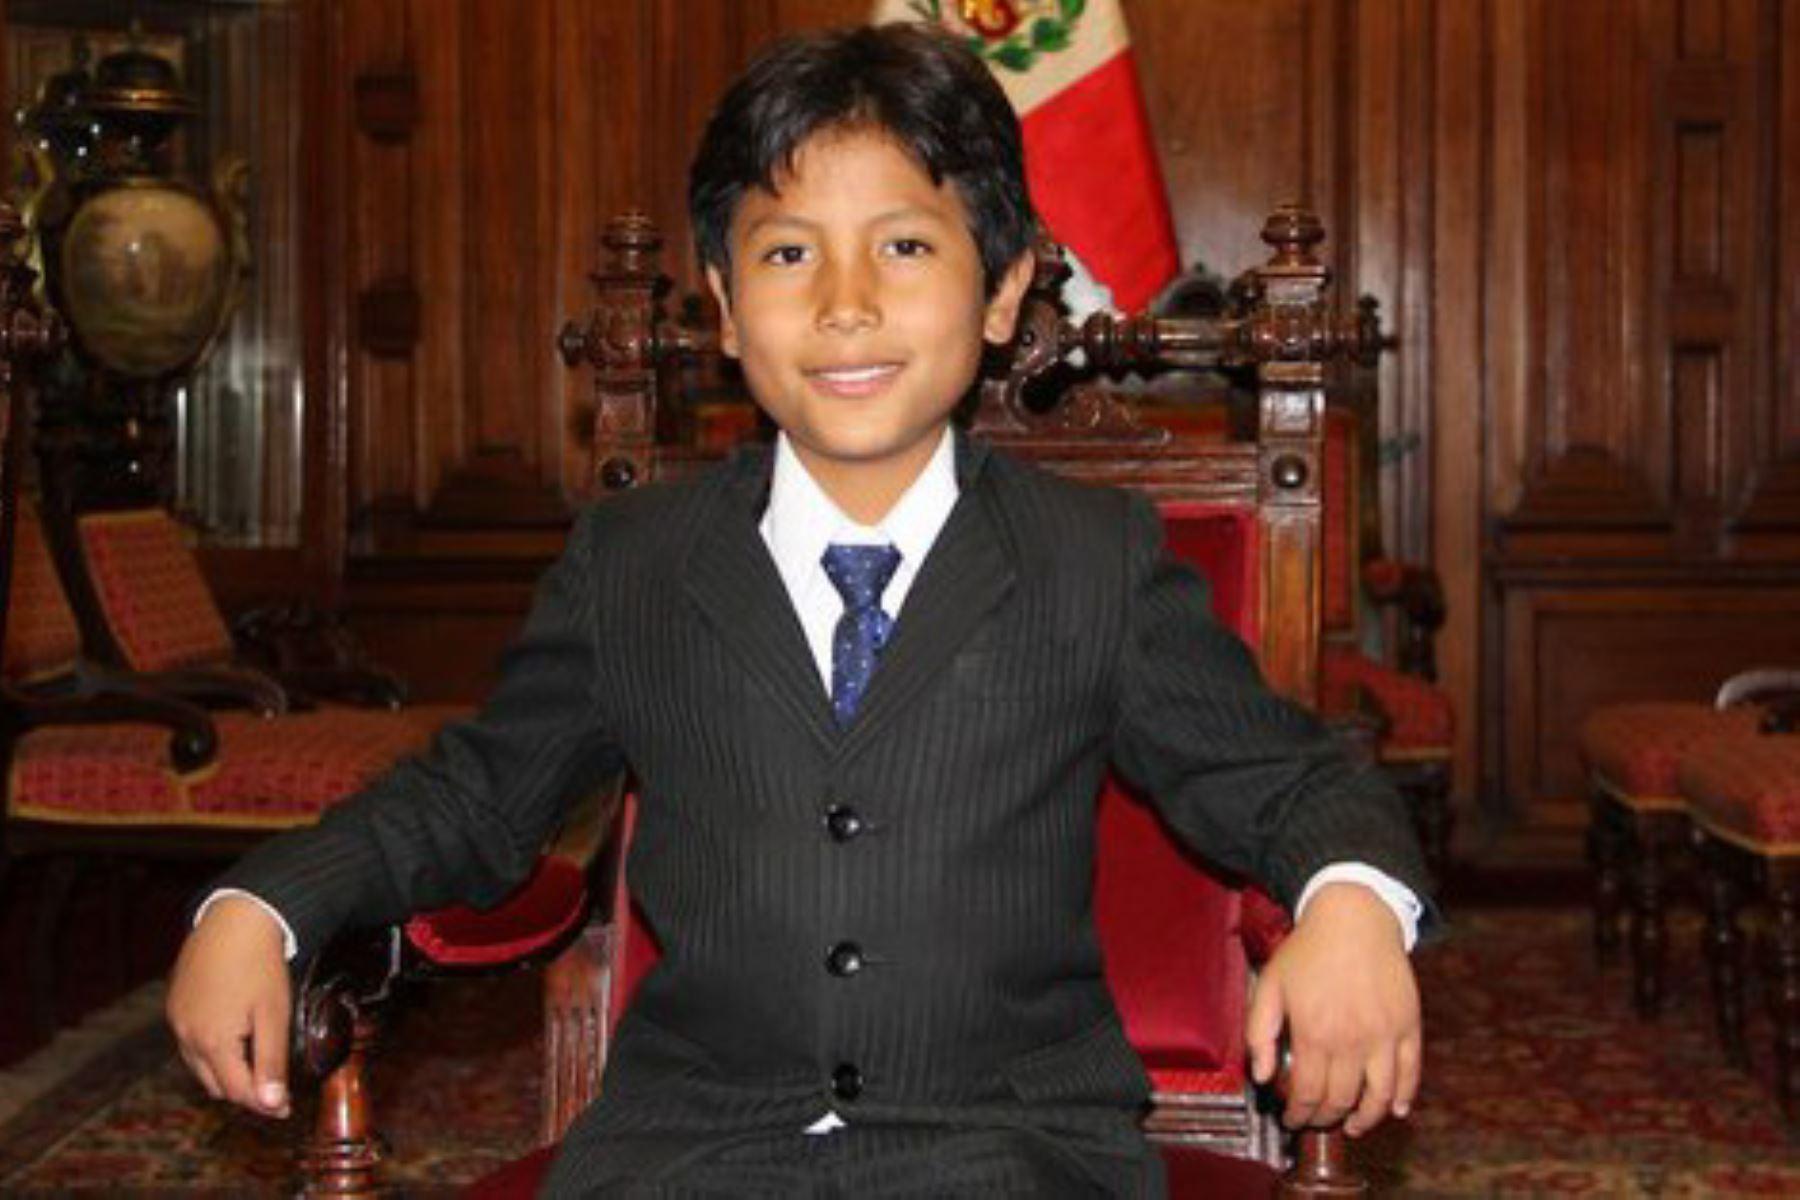 Iniciativa Eco-Banco de niño arequipeño José Quisocala gana premio ambiental mundial